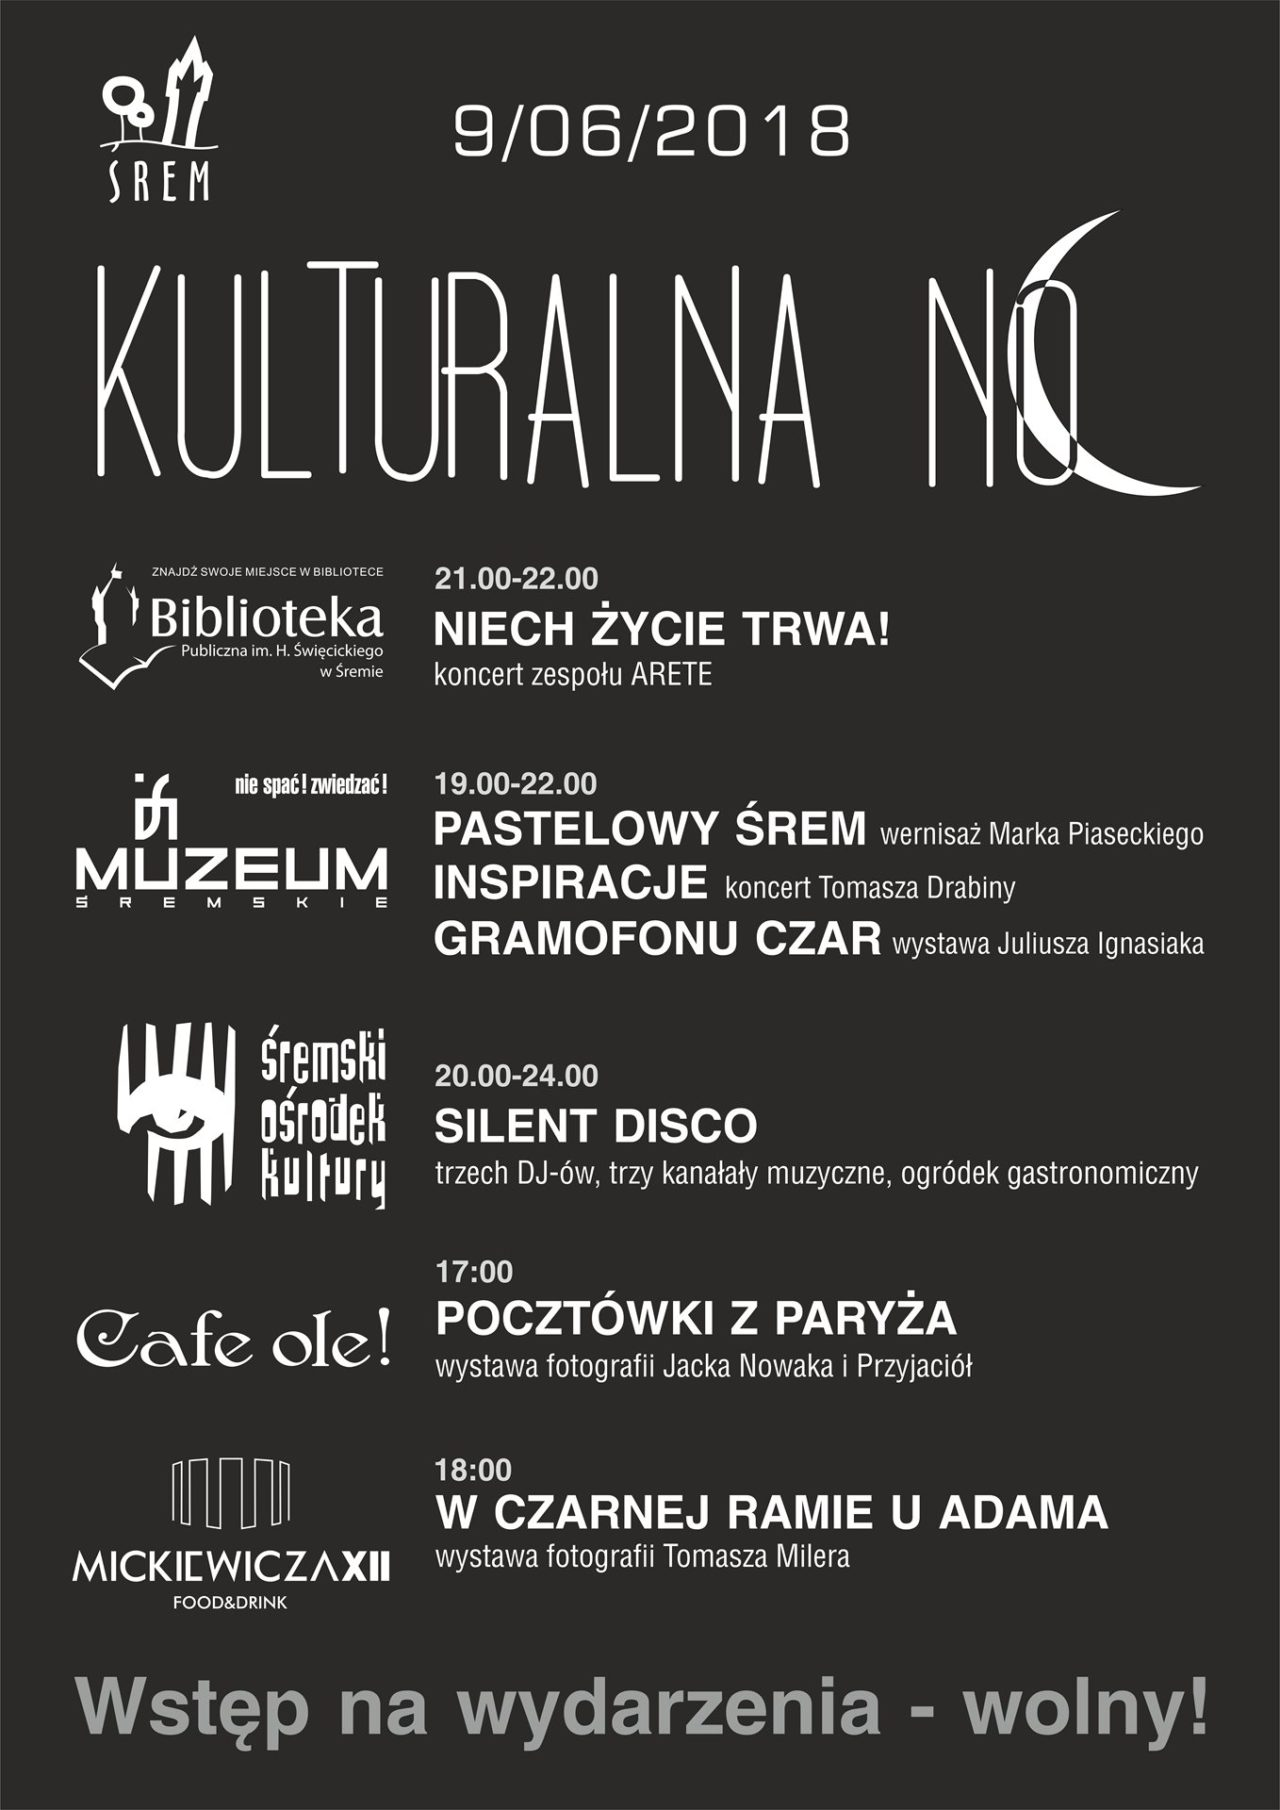 Kulturalna Noc w Śremie